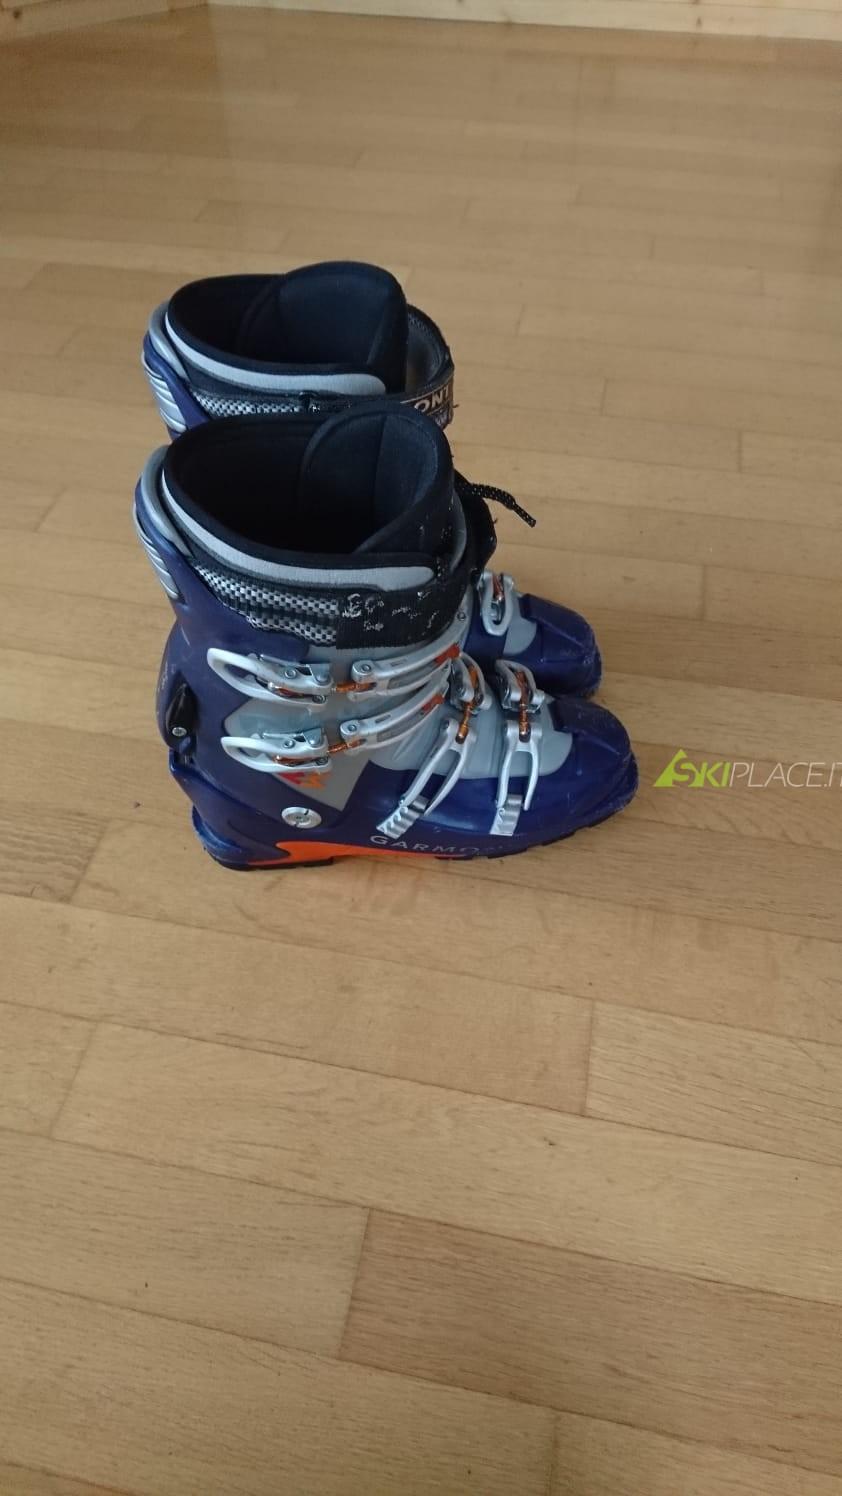 Scarpone sci alpinismo Garmont MEGARIDE - Skiplace - Il sito ... 7f6223c5a4f